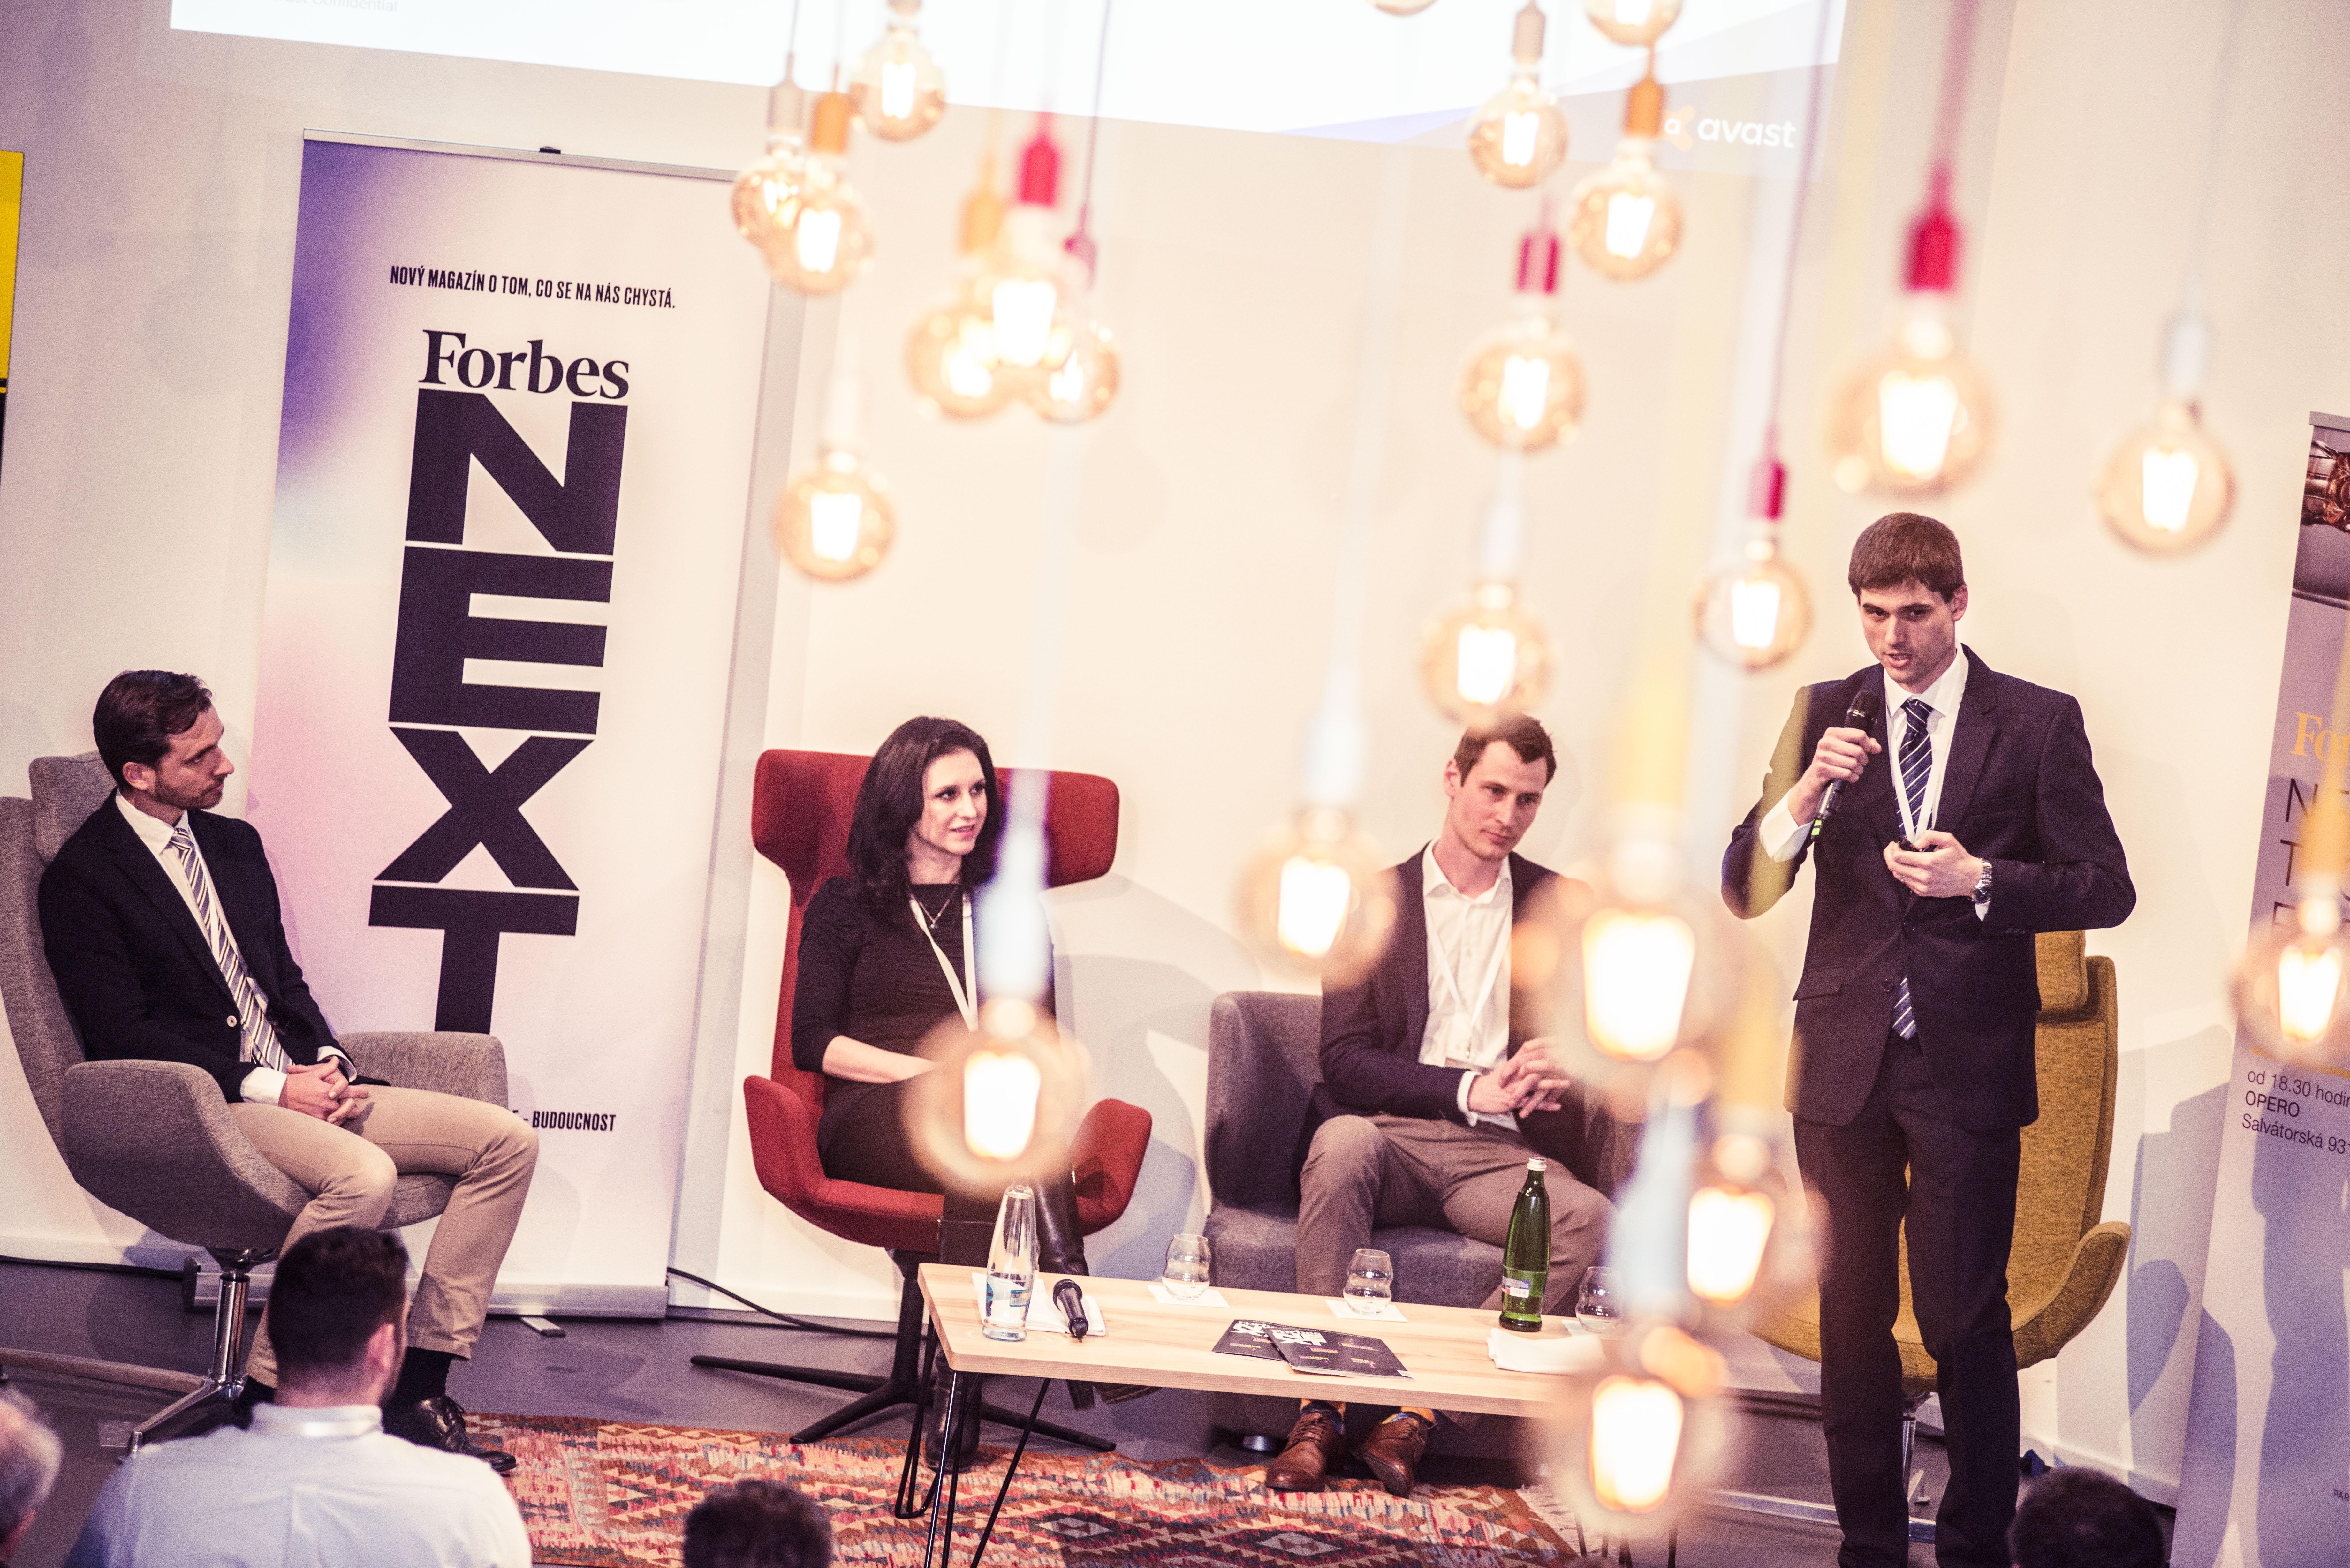 Řečníci zleva: Marian Driensky (SodatSW), Vladimíra Tesková (TeskaLabs), Petr Černohorský (Cisco Systems s.r.o.) a Martin Vejmelka (Awast Software s.r.o.)